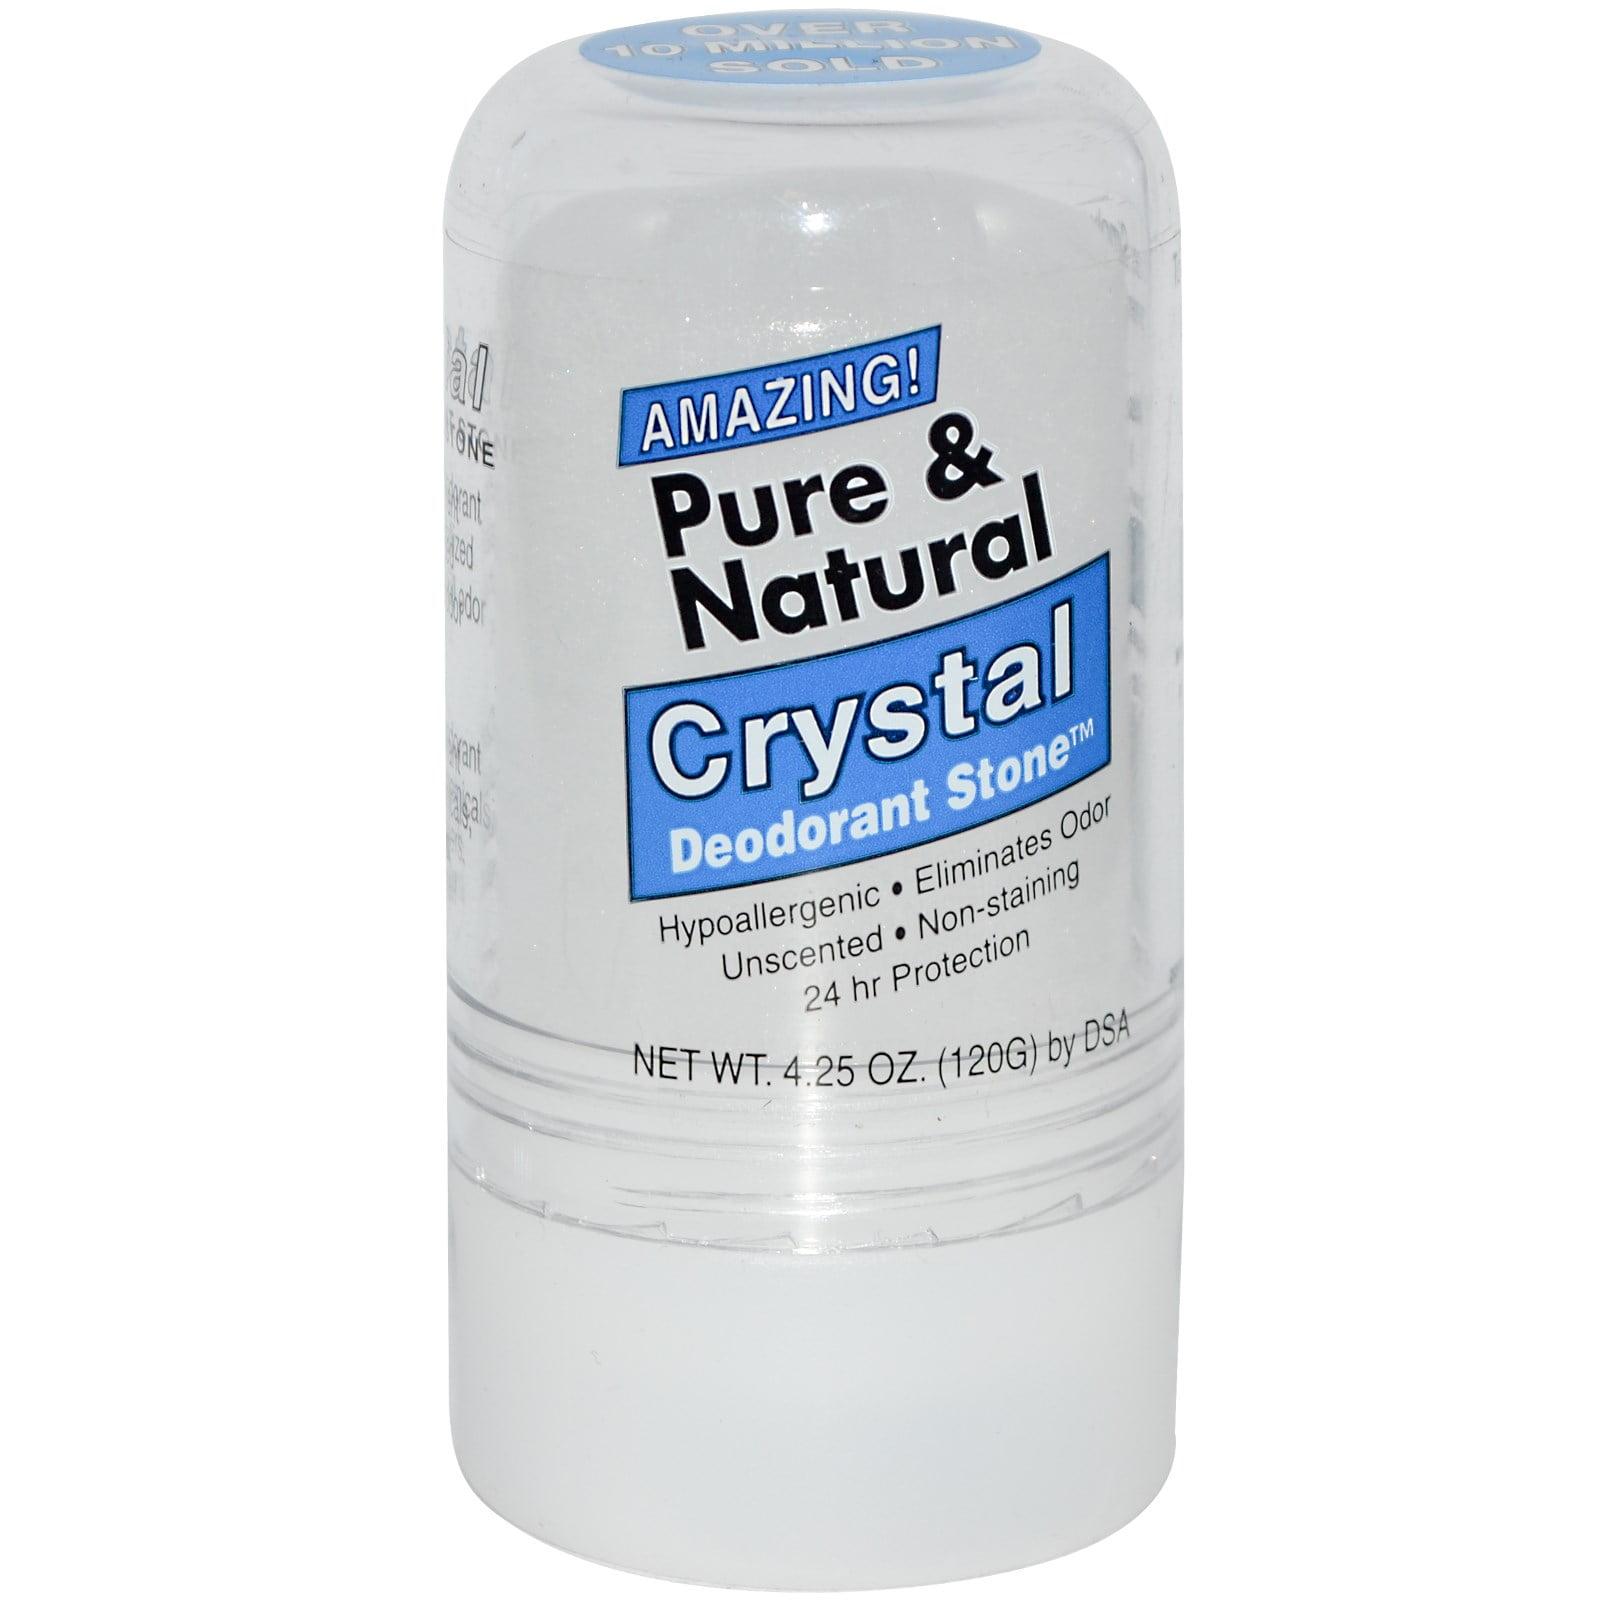 Crystal Natural Deodorant Reviews